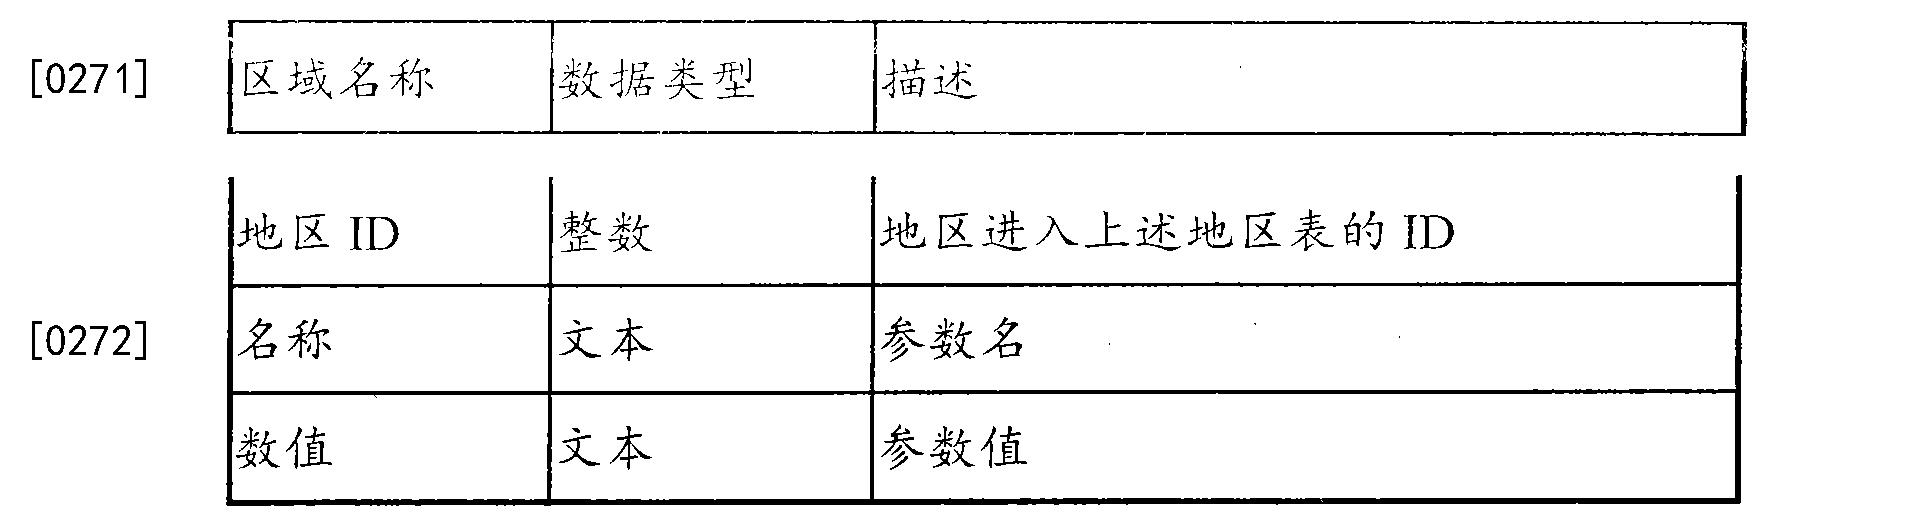 Figure CN104898652BD00382